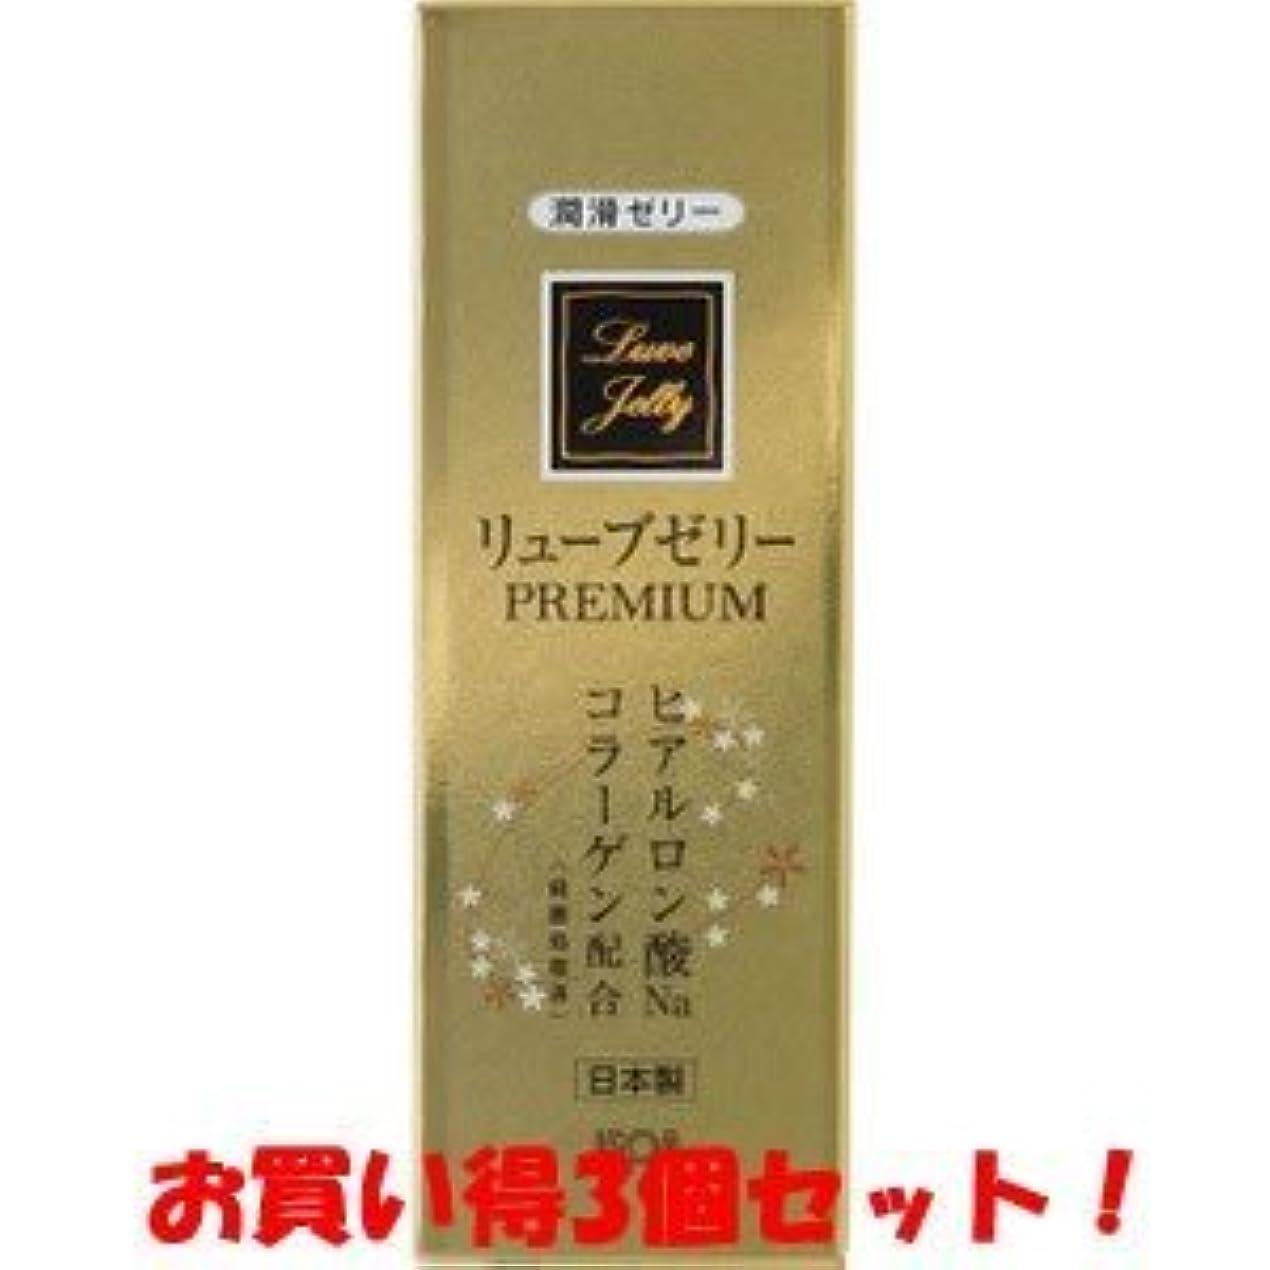 ノーブルラメ怠惰(ジェクス)リューブゼリー プレミアム PREMIUM 55g(お買い得3個セット)